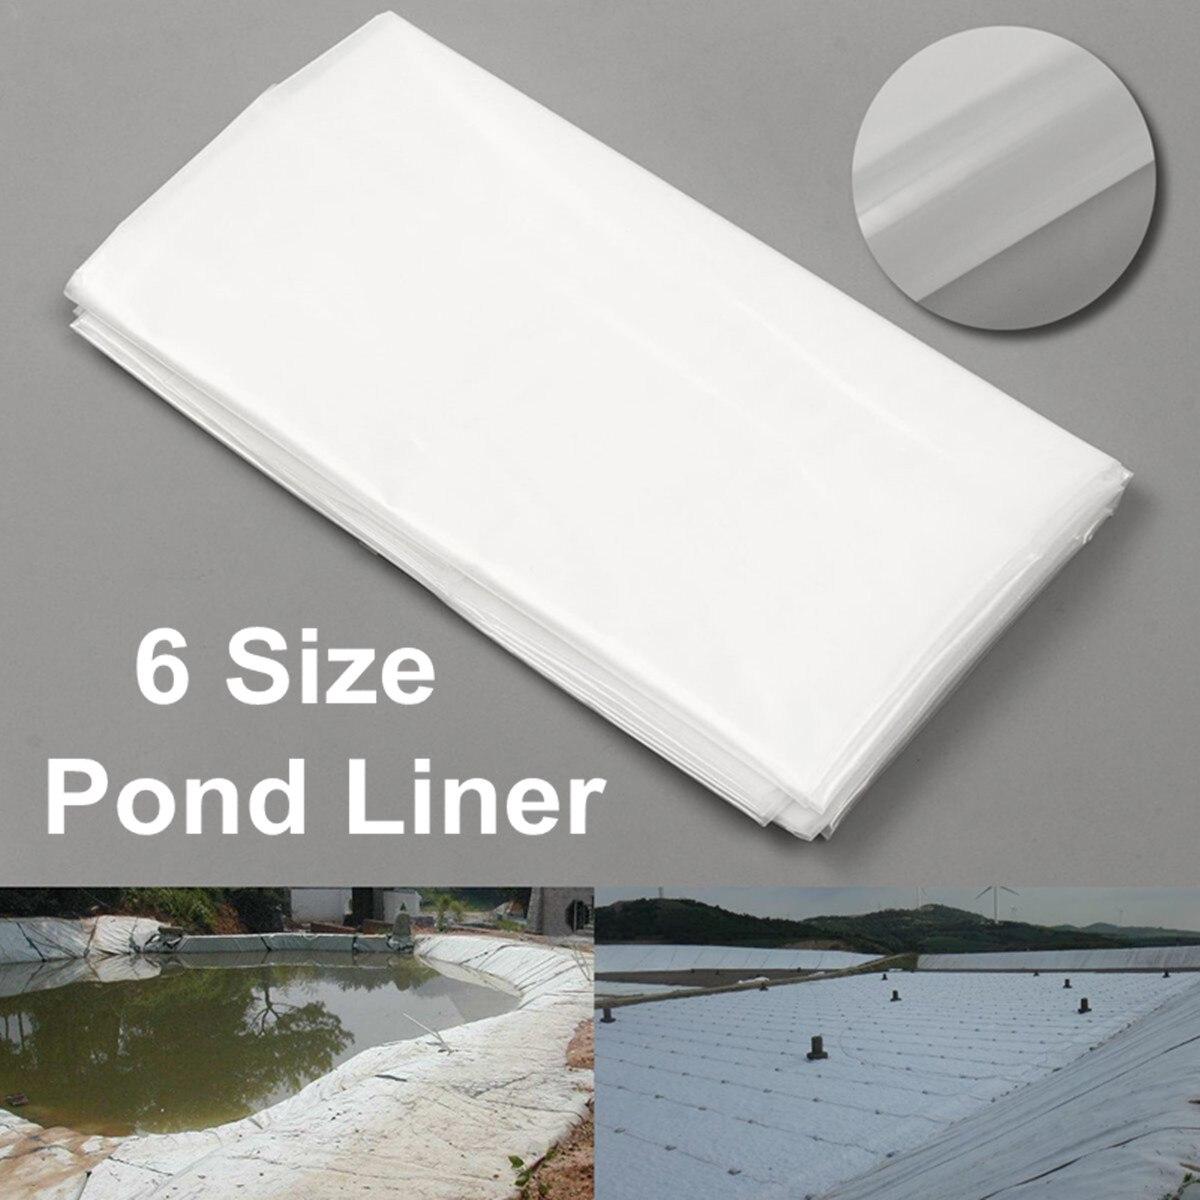 waterproof fish pond liner garden pool hdpe membrane reinforced landscaping pool pond liner. Black Bedroom Furniture Sets. Home Design Ideas